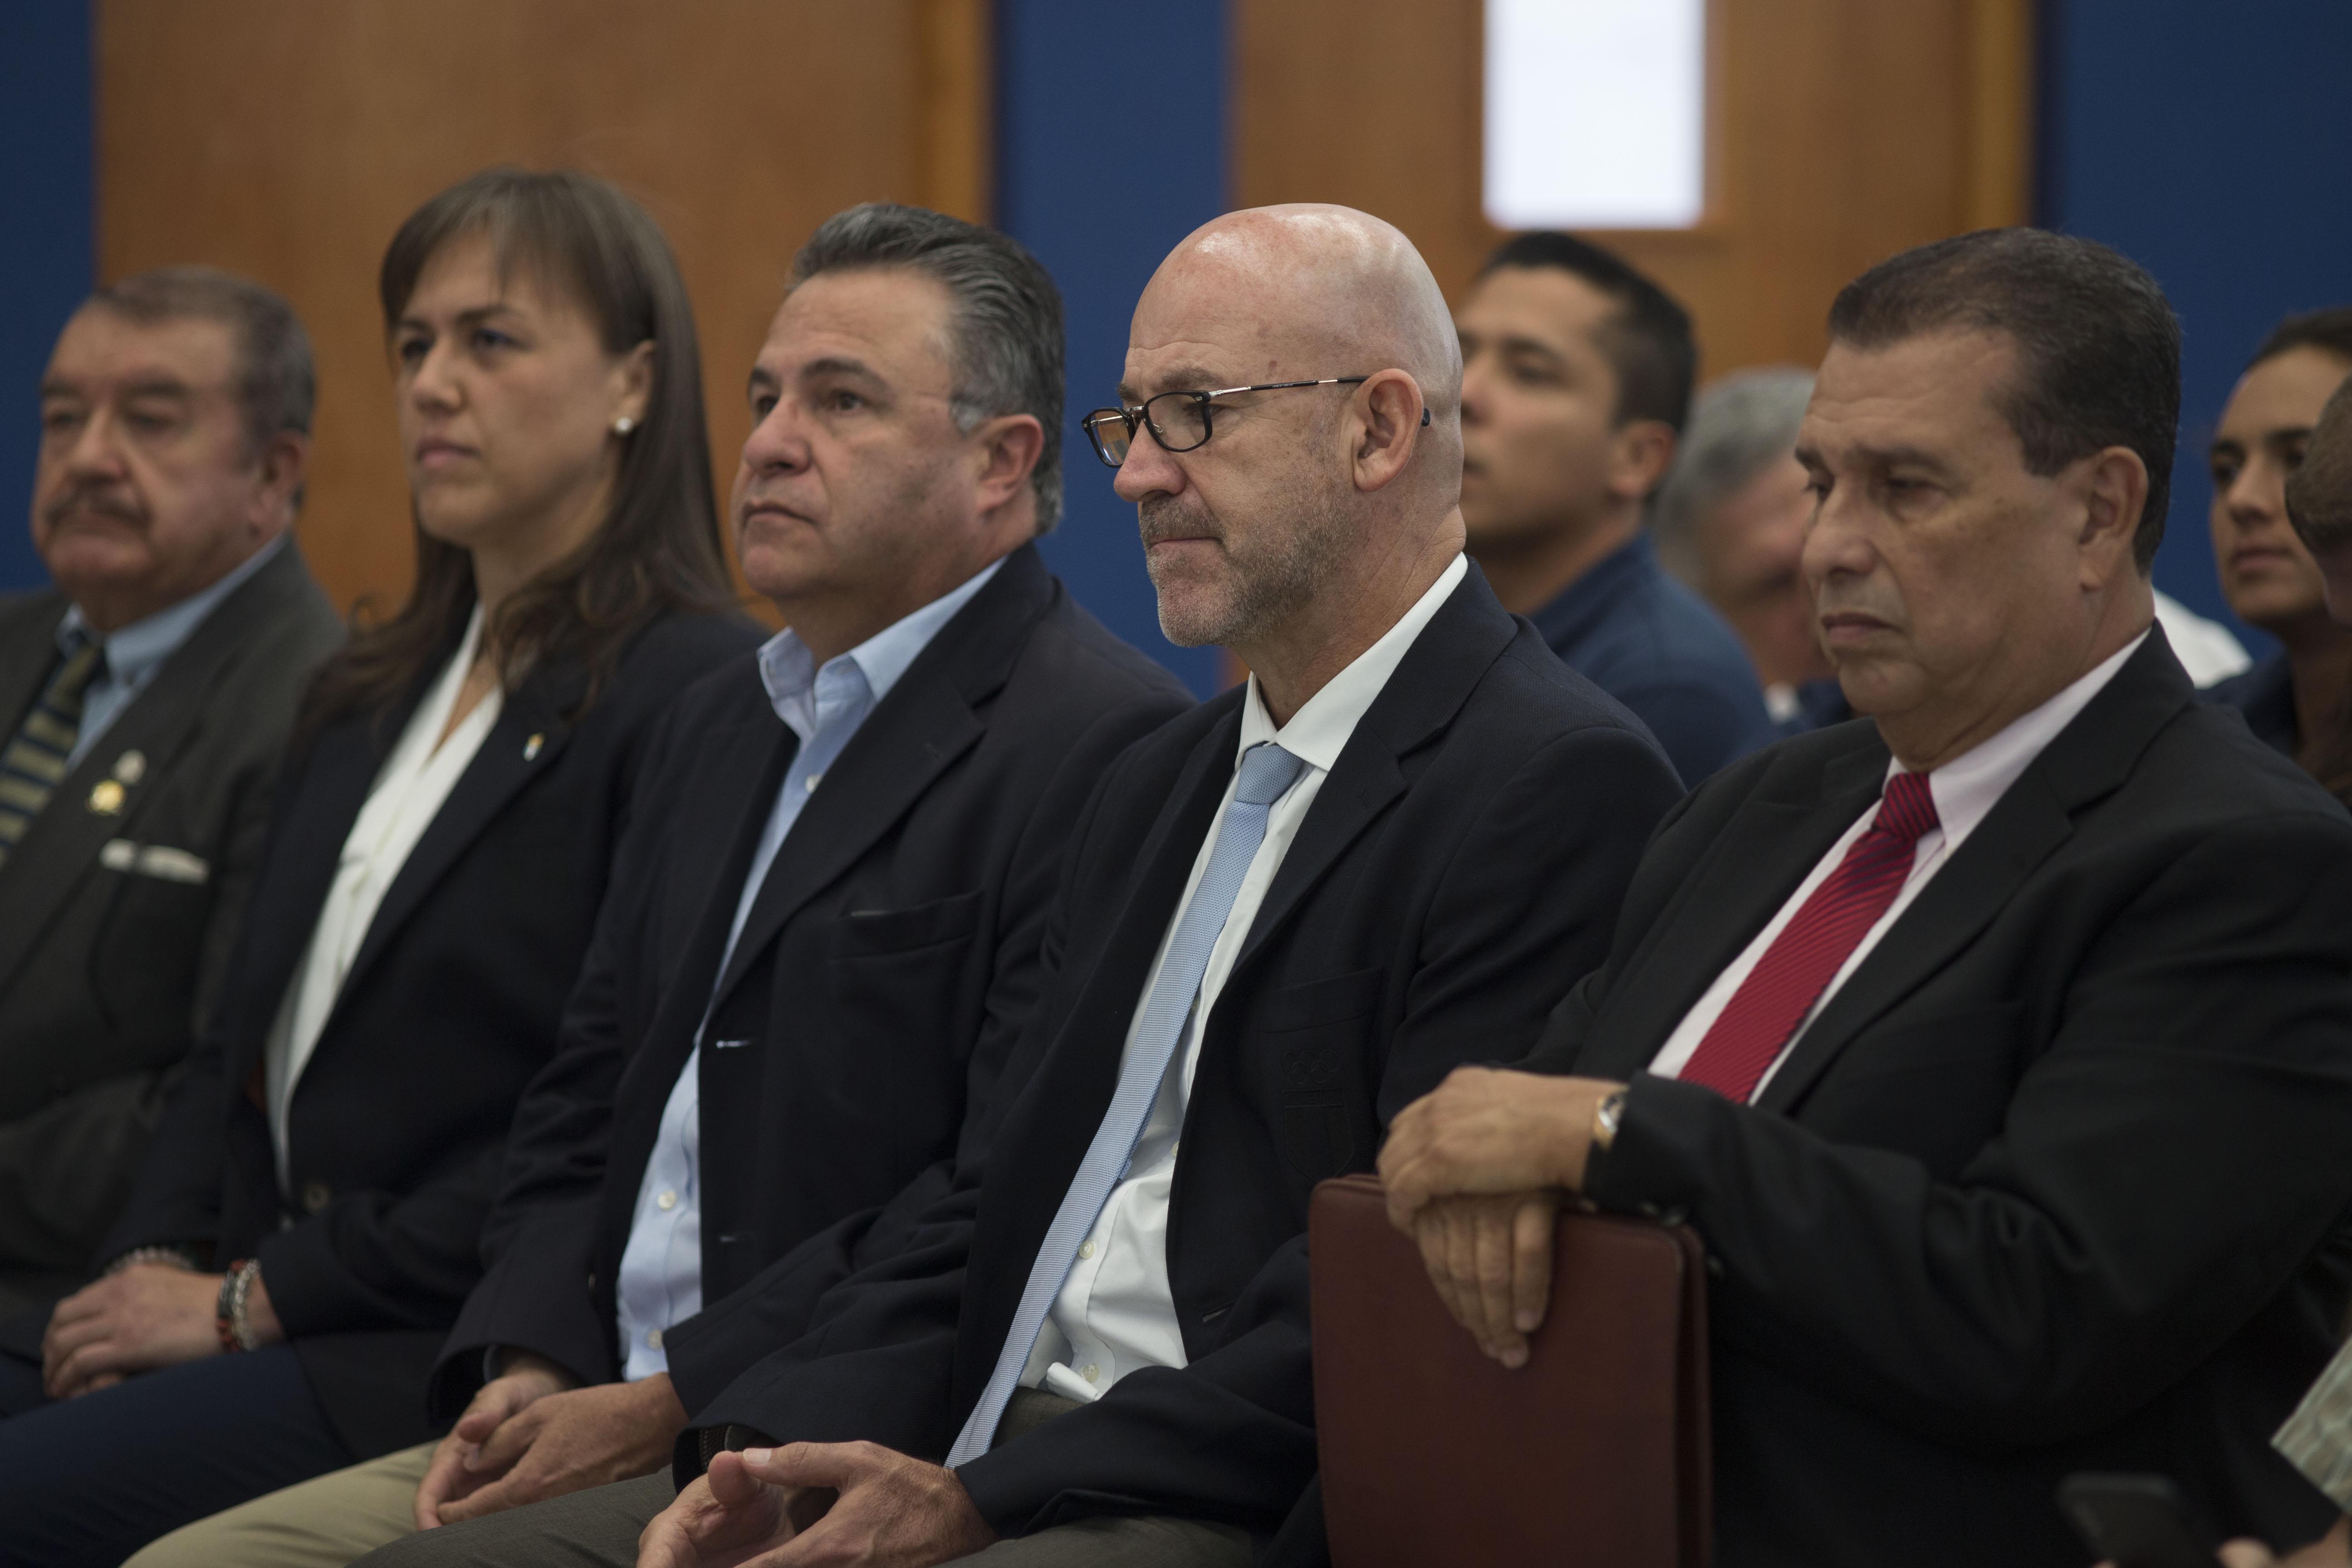 Gerardo Aguirre, presidente del COG. Dennis Alonzo, ex presidente de CDAG y otros directivos del deporte en la inauguración del centro de alto rendimiento dentro de las instalaciones de squash.